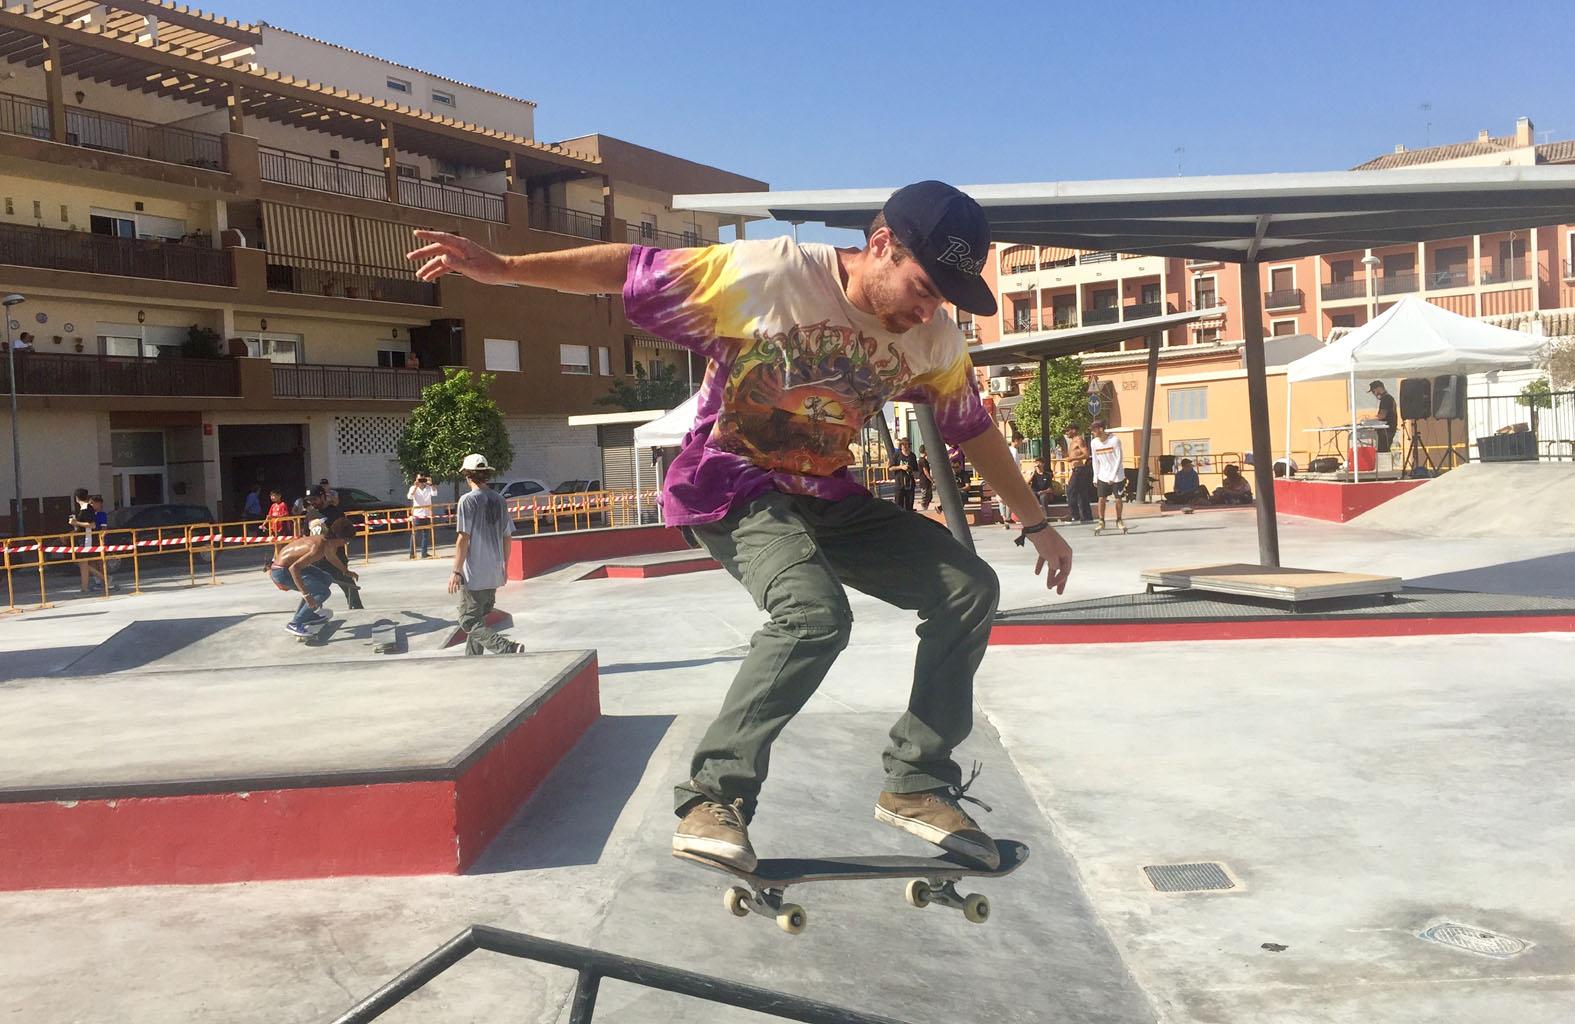 Un joven practica Skate en la plaza